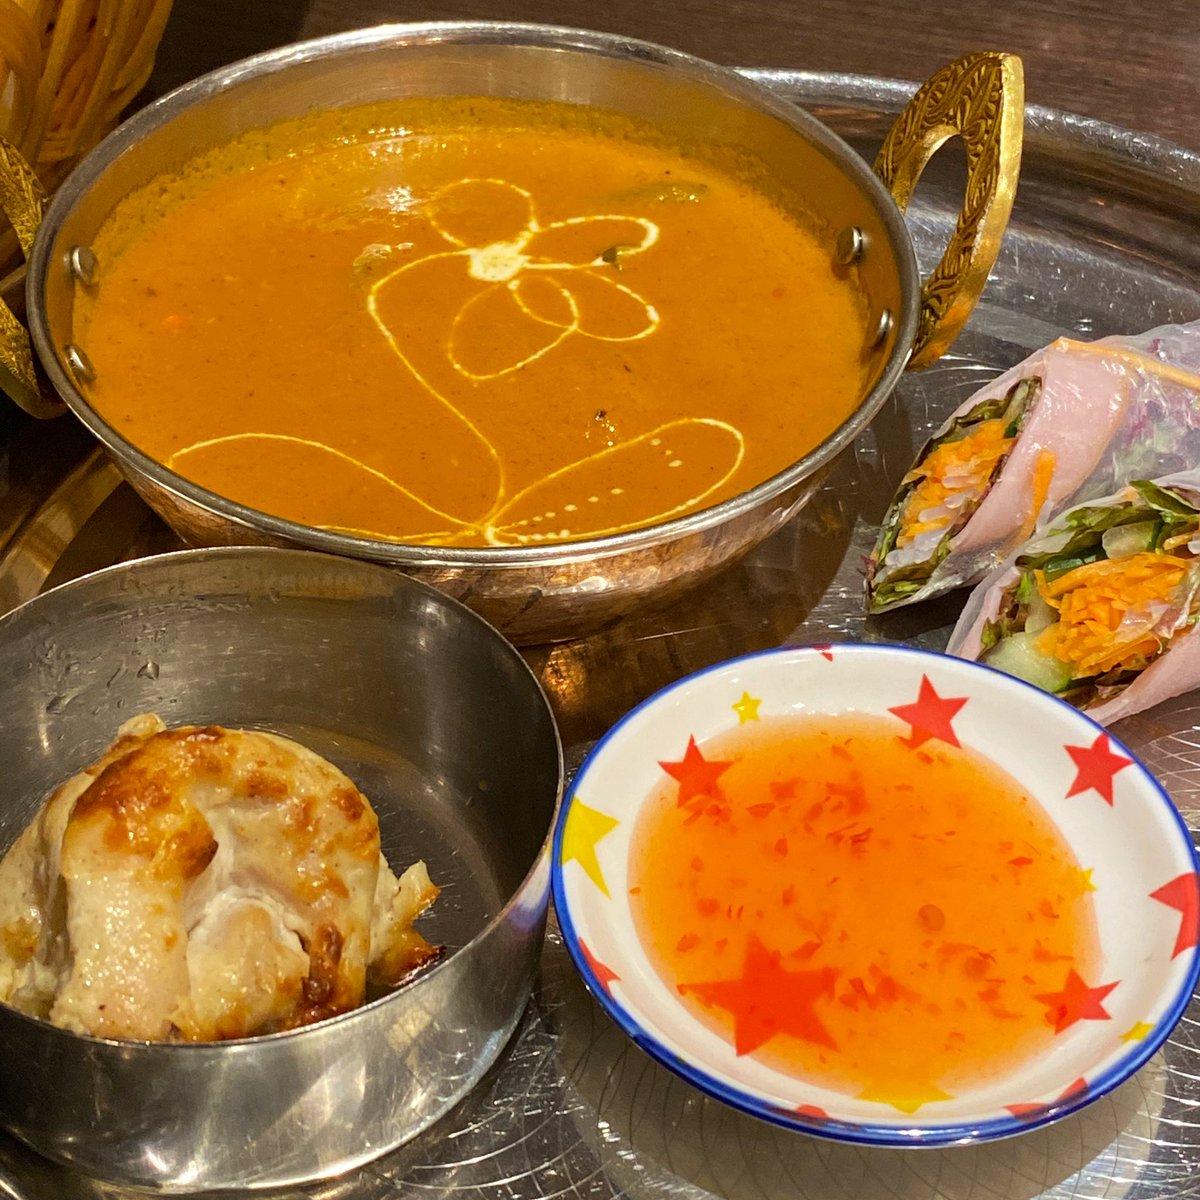 ナンカレーなう!(・‐・)ノ🍛✨から〜い!  #おそとごはん #eatout #restaurant #delicious #yummy #food #foodie #foodpics #foodgram #instafood #curry #ヤオナタ